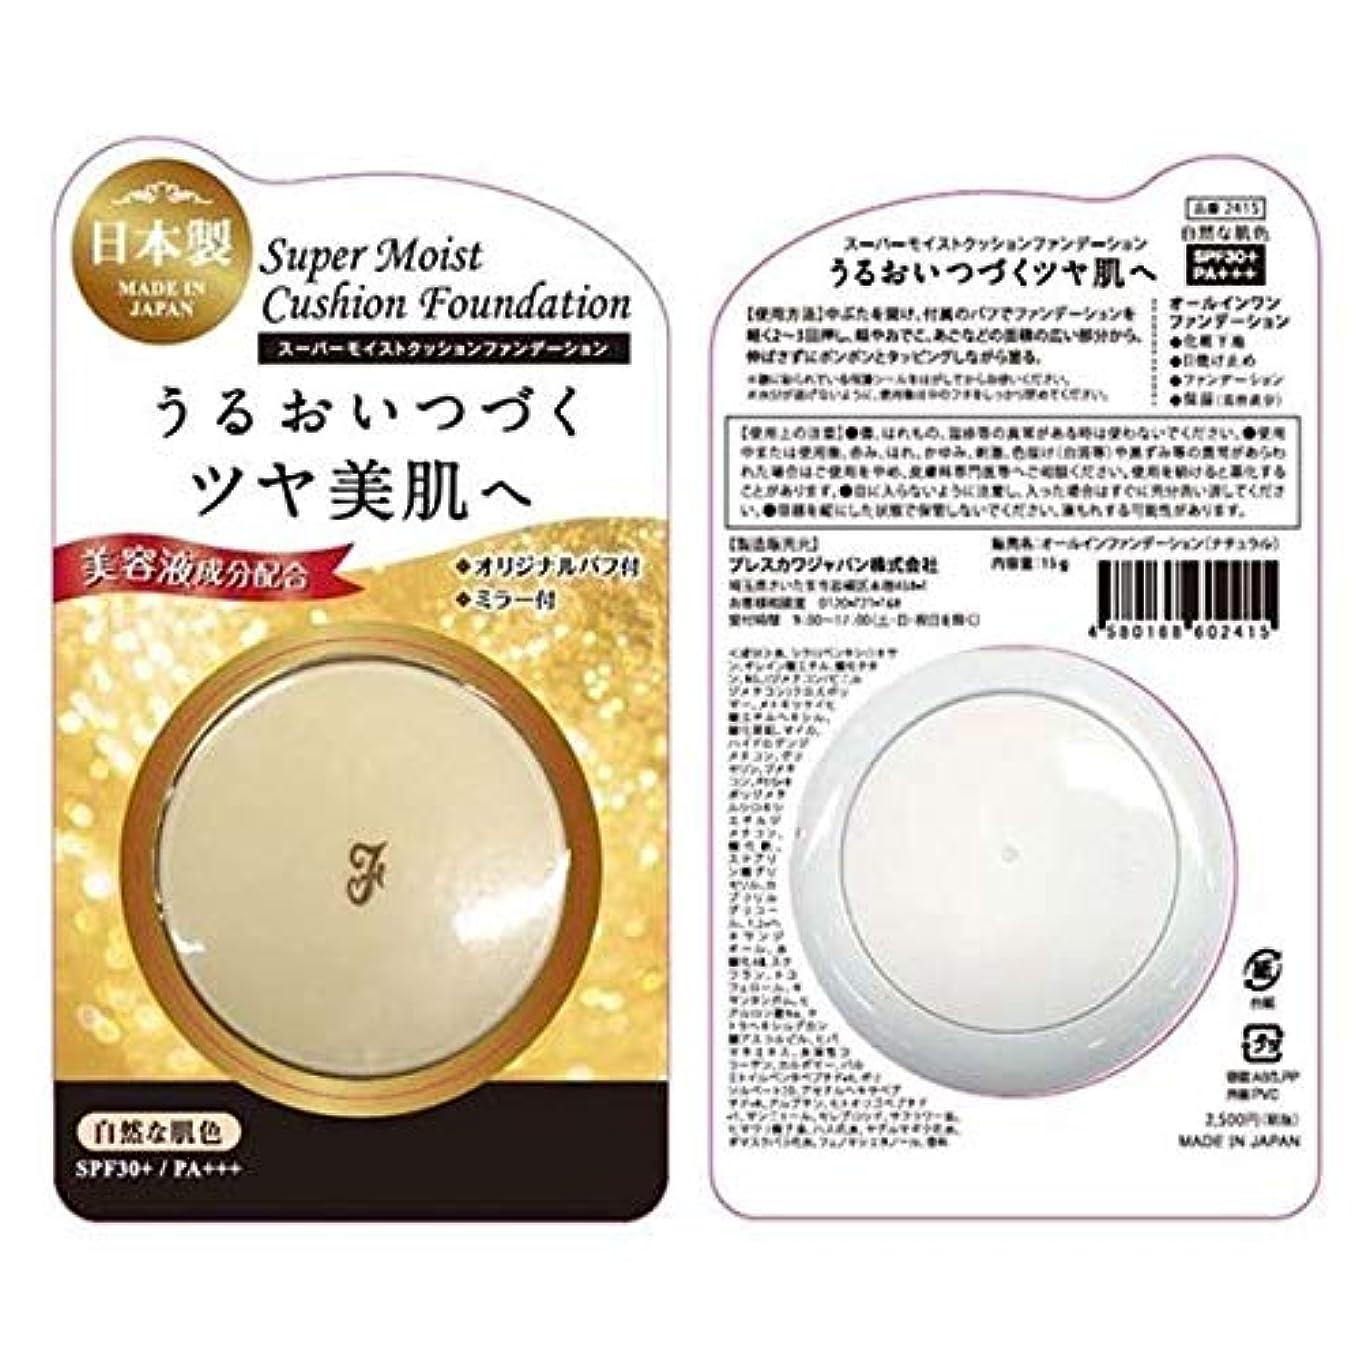 トラクター夜間考え日本製●クッションファンデーション SPF30+ PA+++ 新色 自然な肌色 さらっとした使い心地 コスメ しっとりなめらか ファンデ